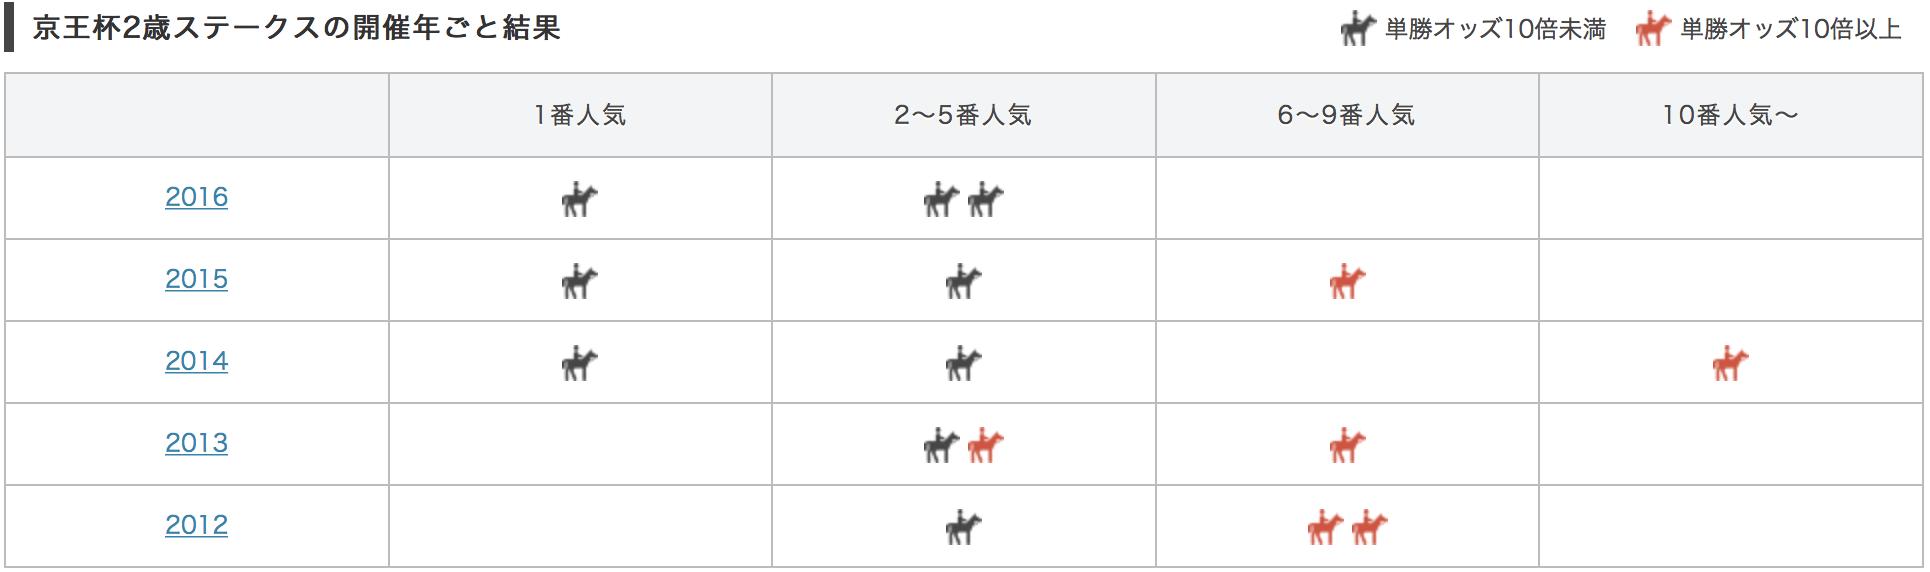 京王杯2歳ステークス2017単勝人気別データ